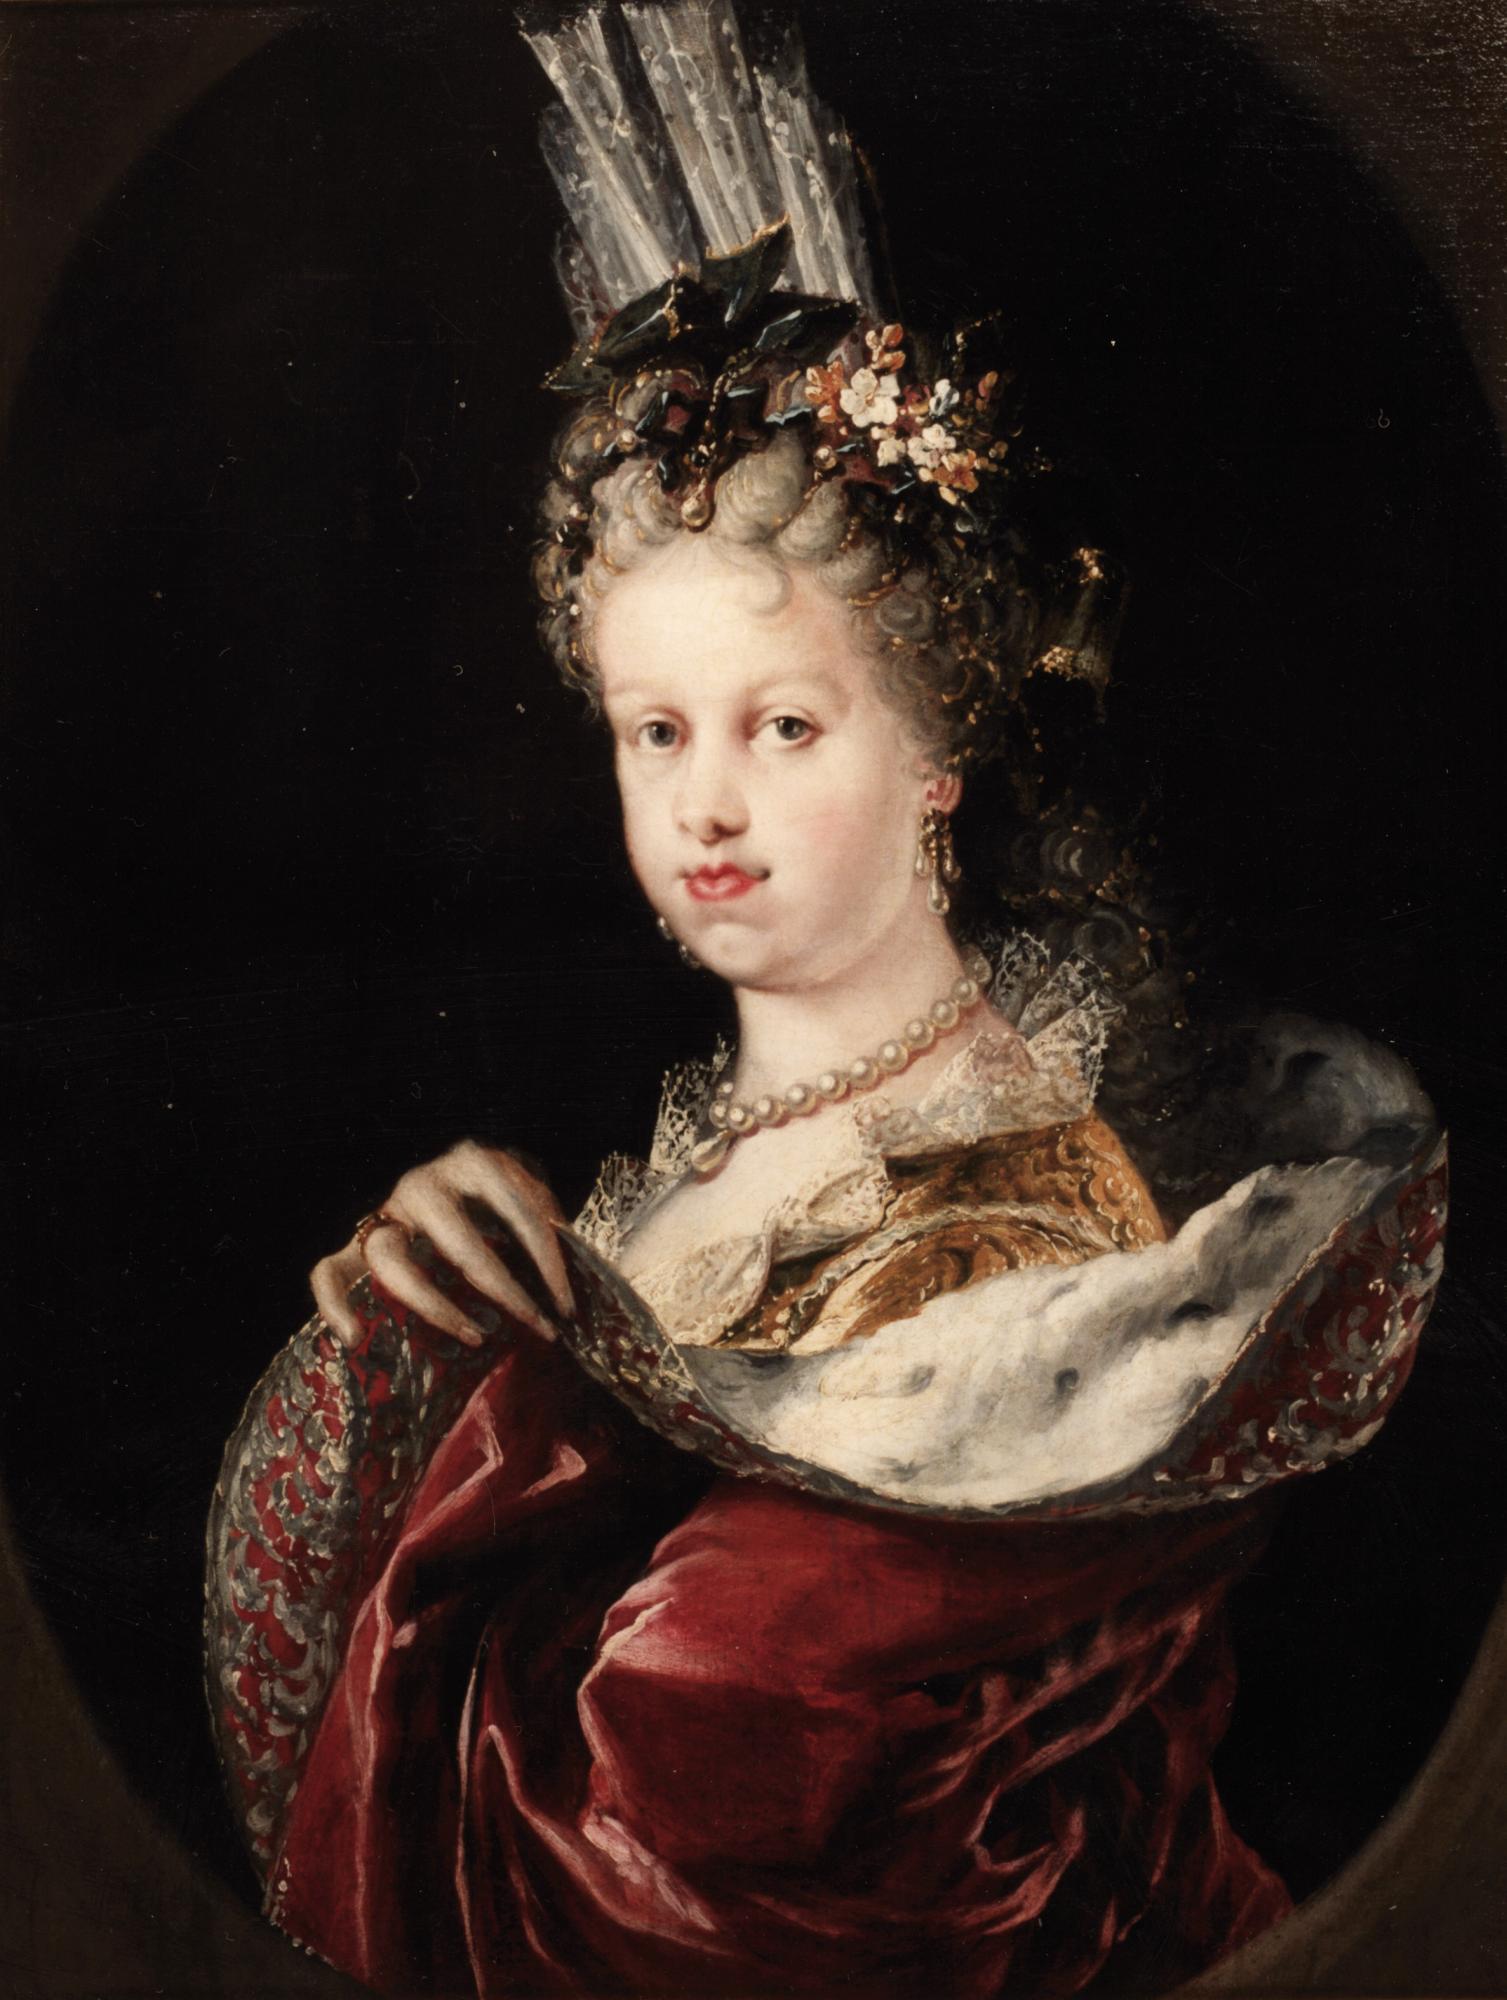 Miguel Jacinto Meléndez. María Luisa Gabriela de Saboya. Hacia 1712. Museo Lázaro Galdiano. Madrid.